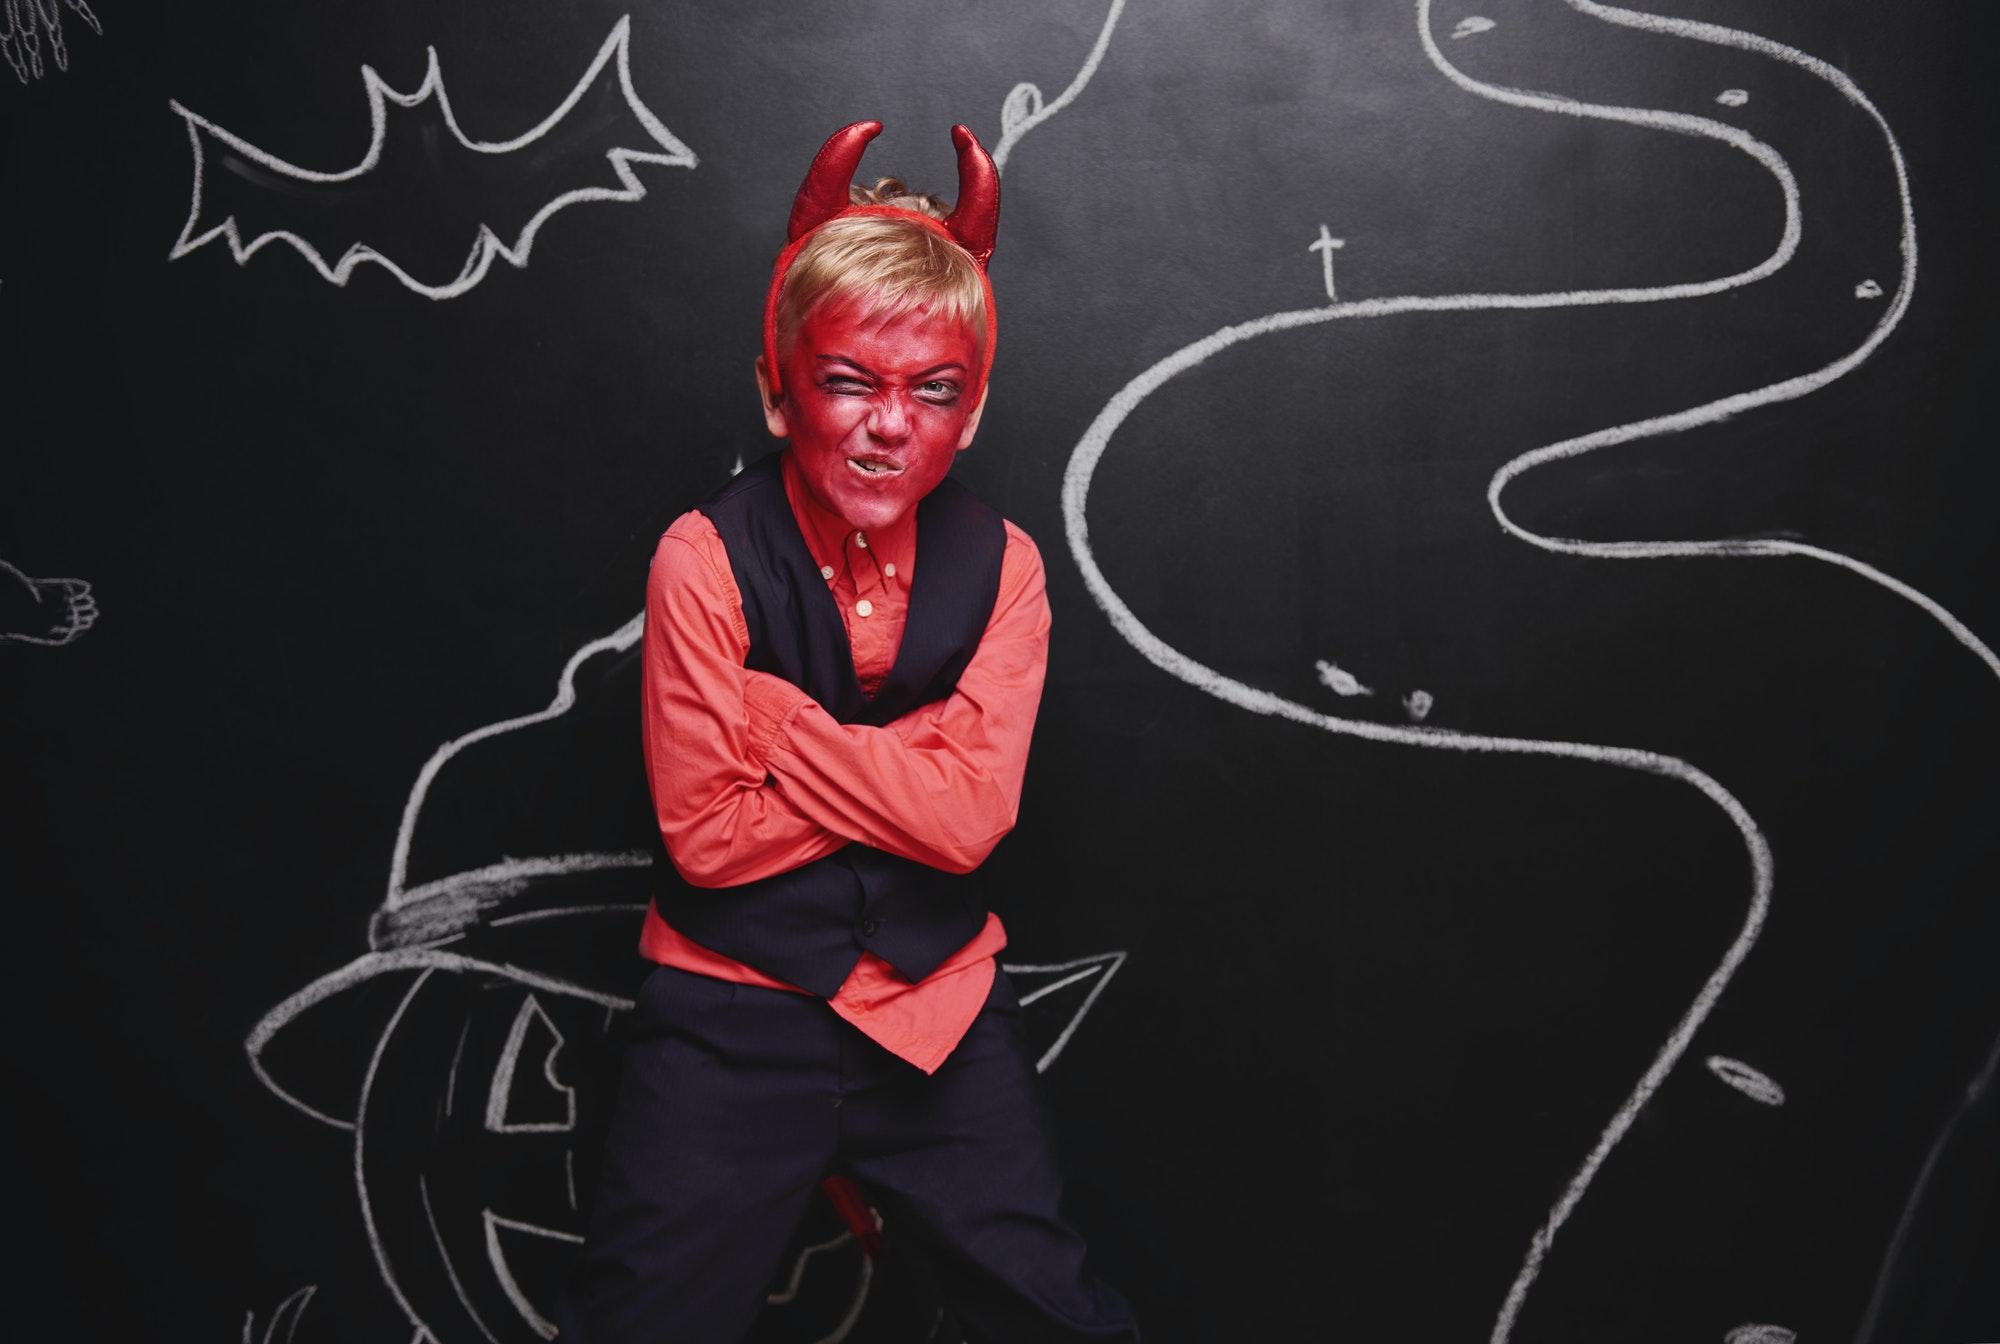 Kid celebrating Halloween in devil costume